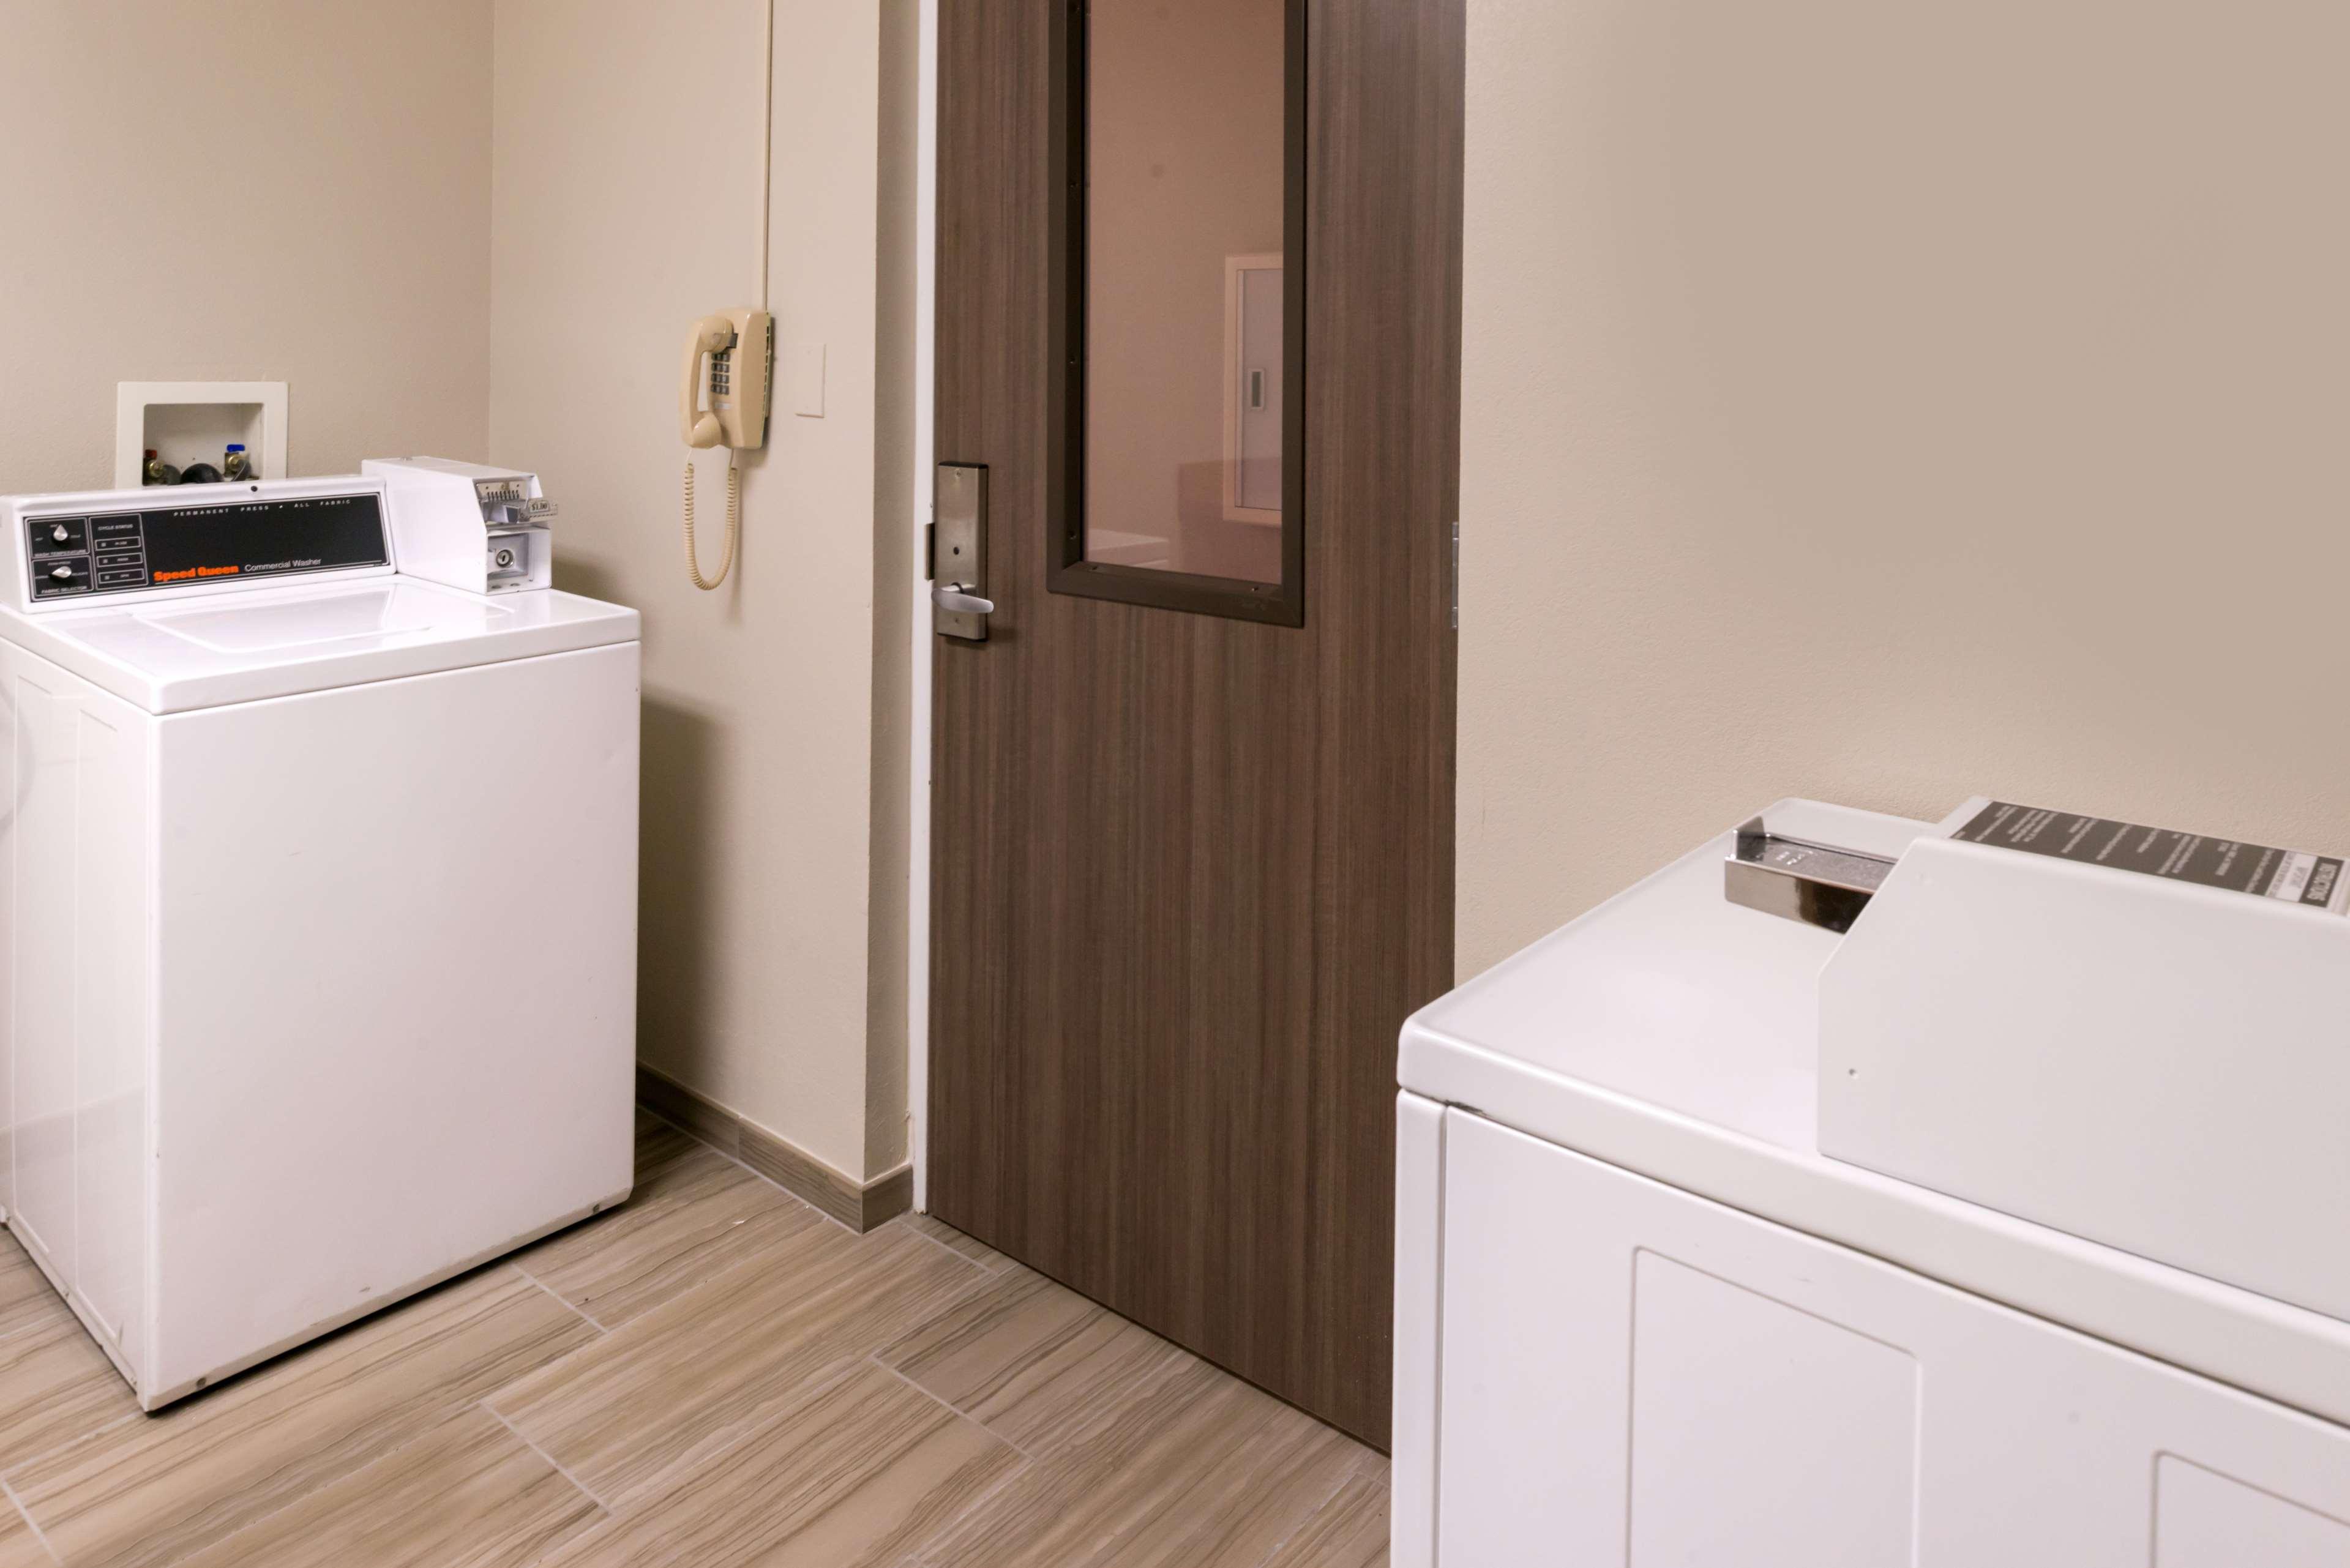 Hampton Inn & Suites Orlando/East UCF Area image 29